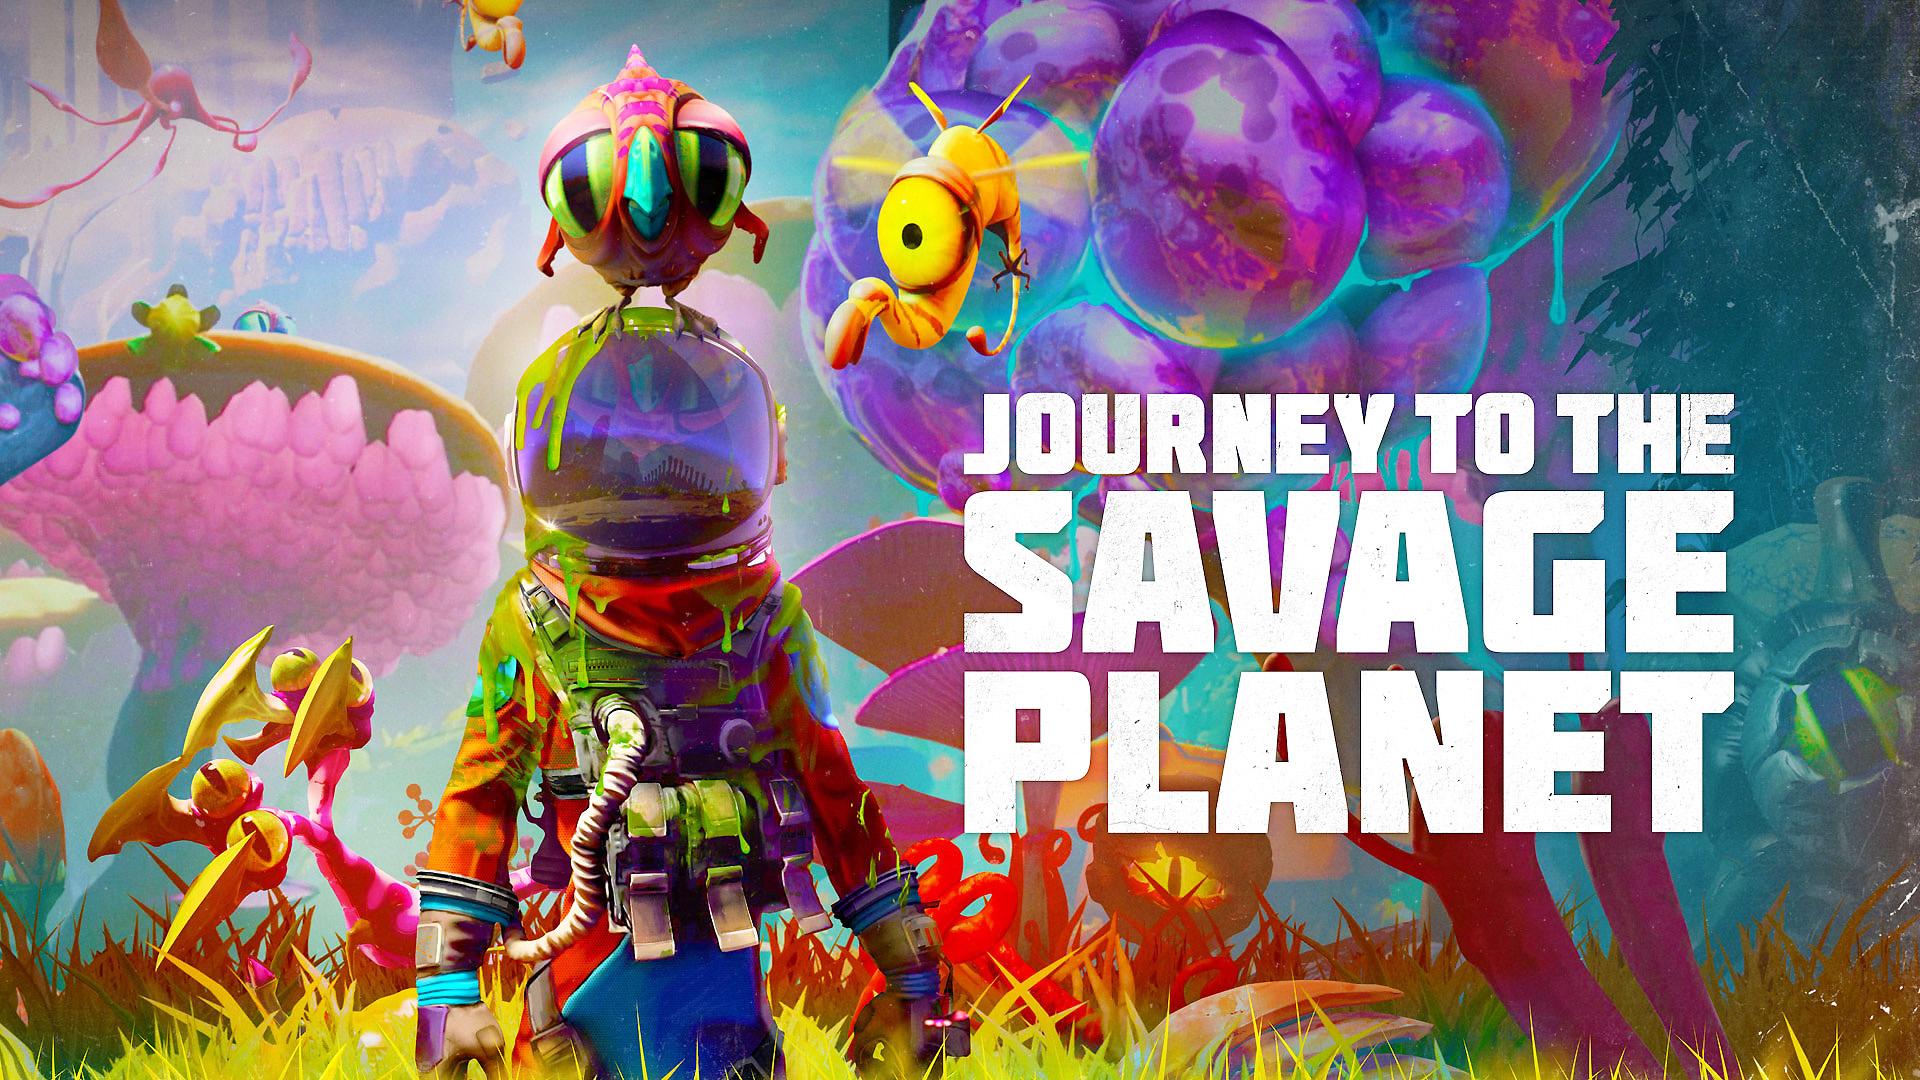 《狂野星球之旅》将于1月29日登陆Steam